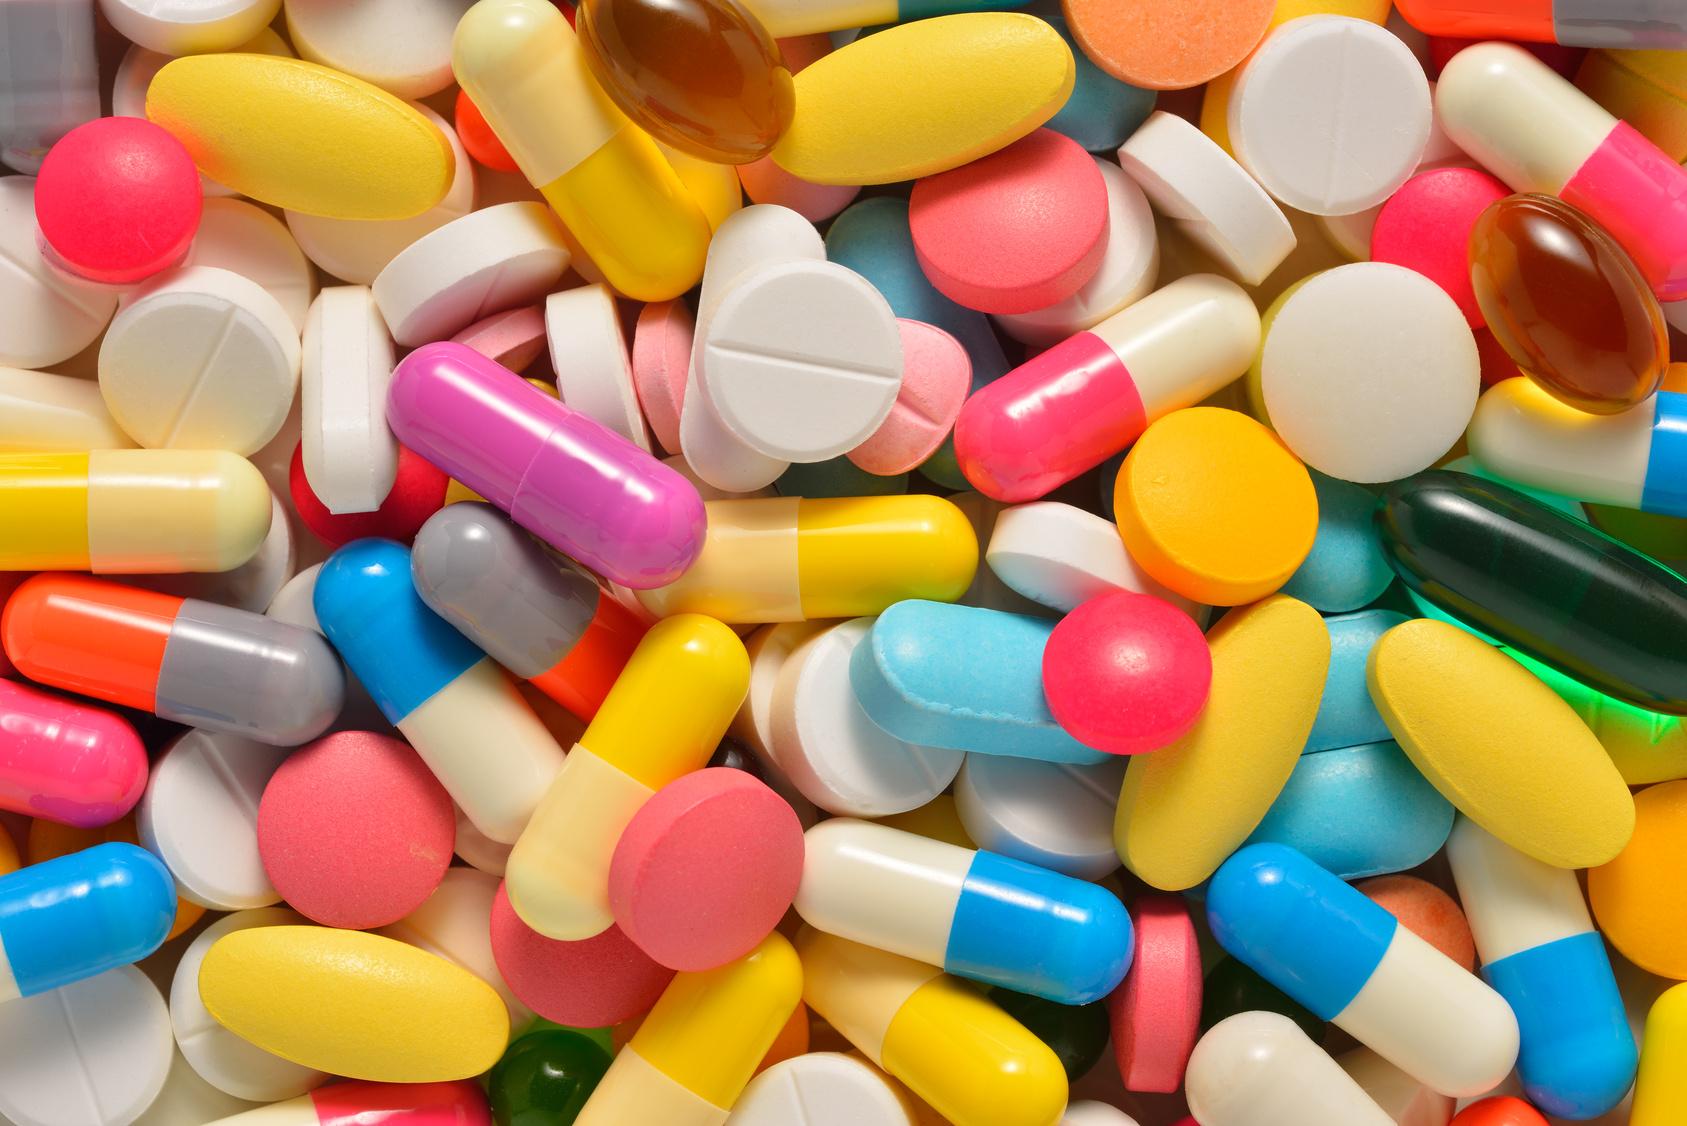 Какие статины самые безопасные и эффективные: перечень препаратов